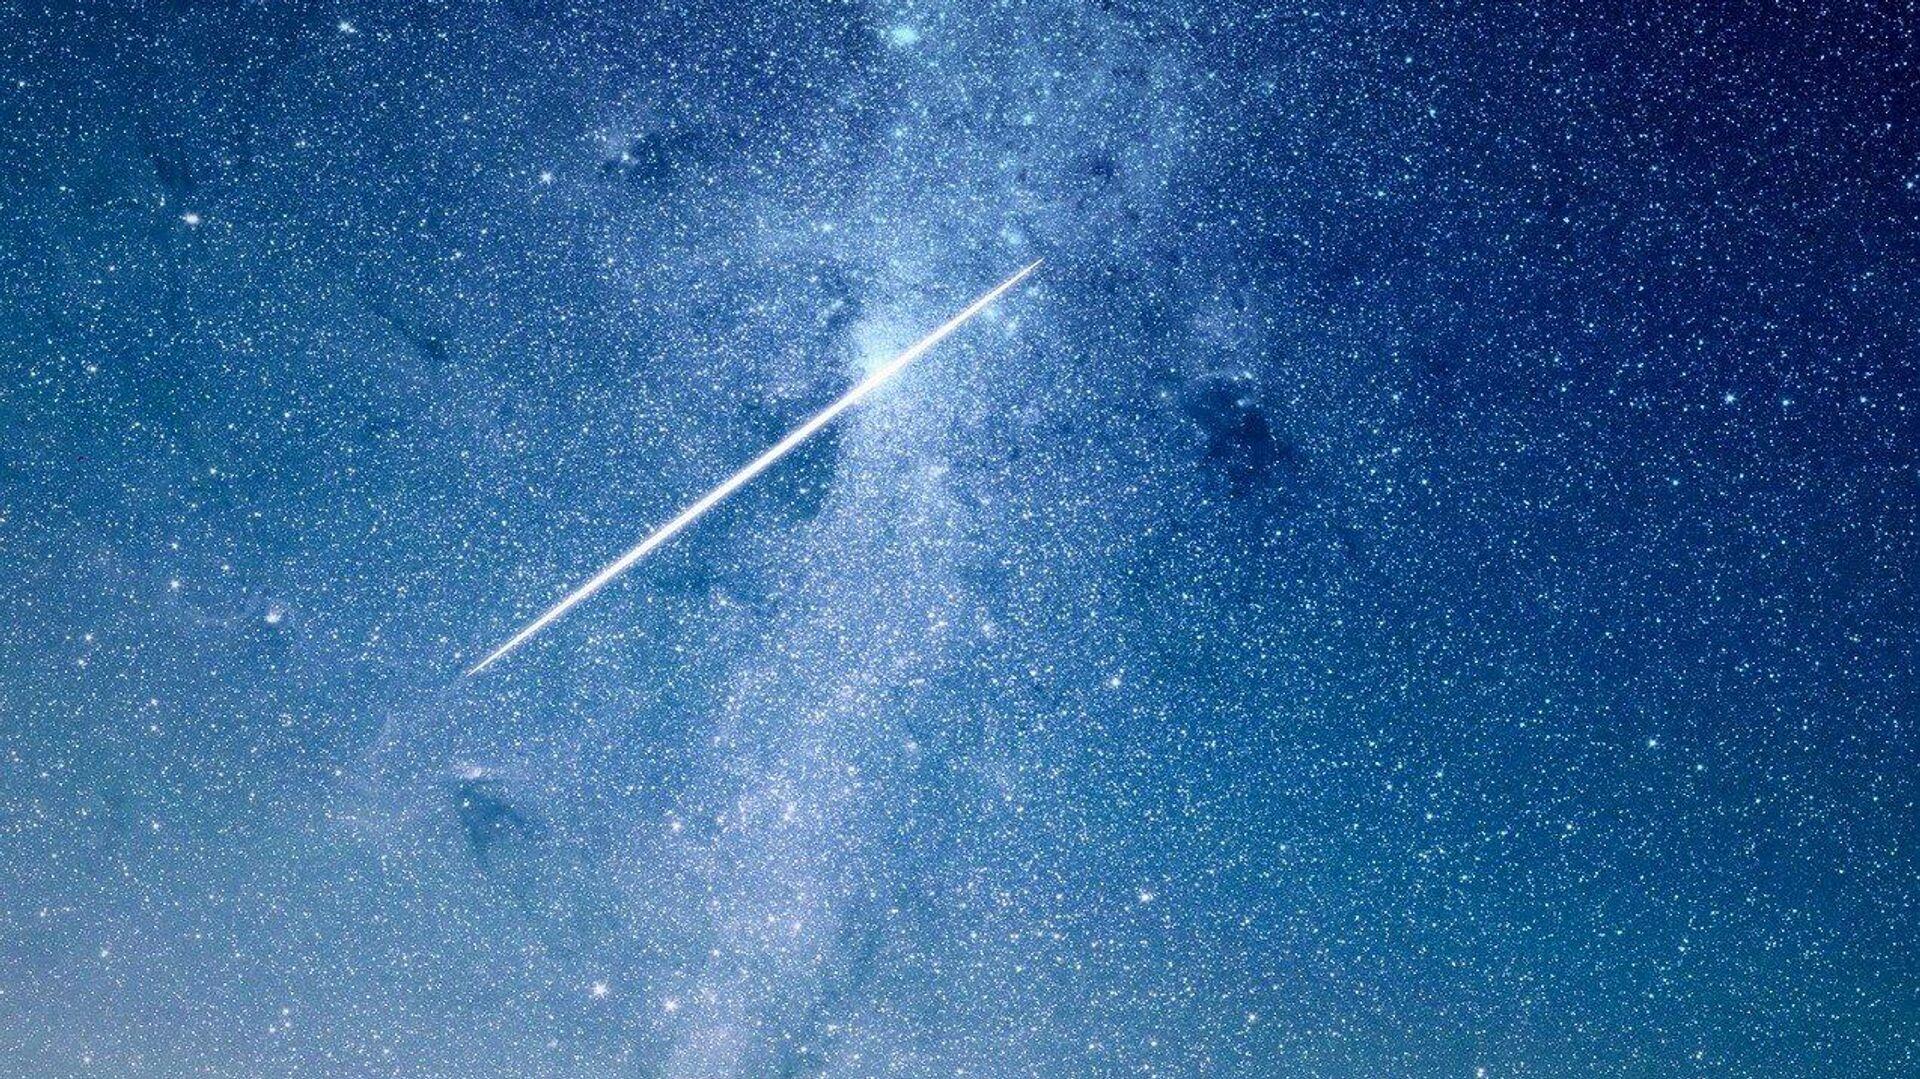 Una estrella fugaz (ilustración) - Sputnik Mundo, 1920, 04.05.2021